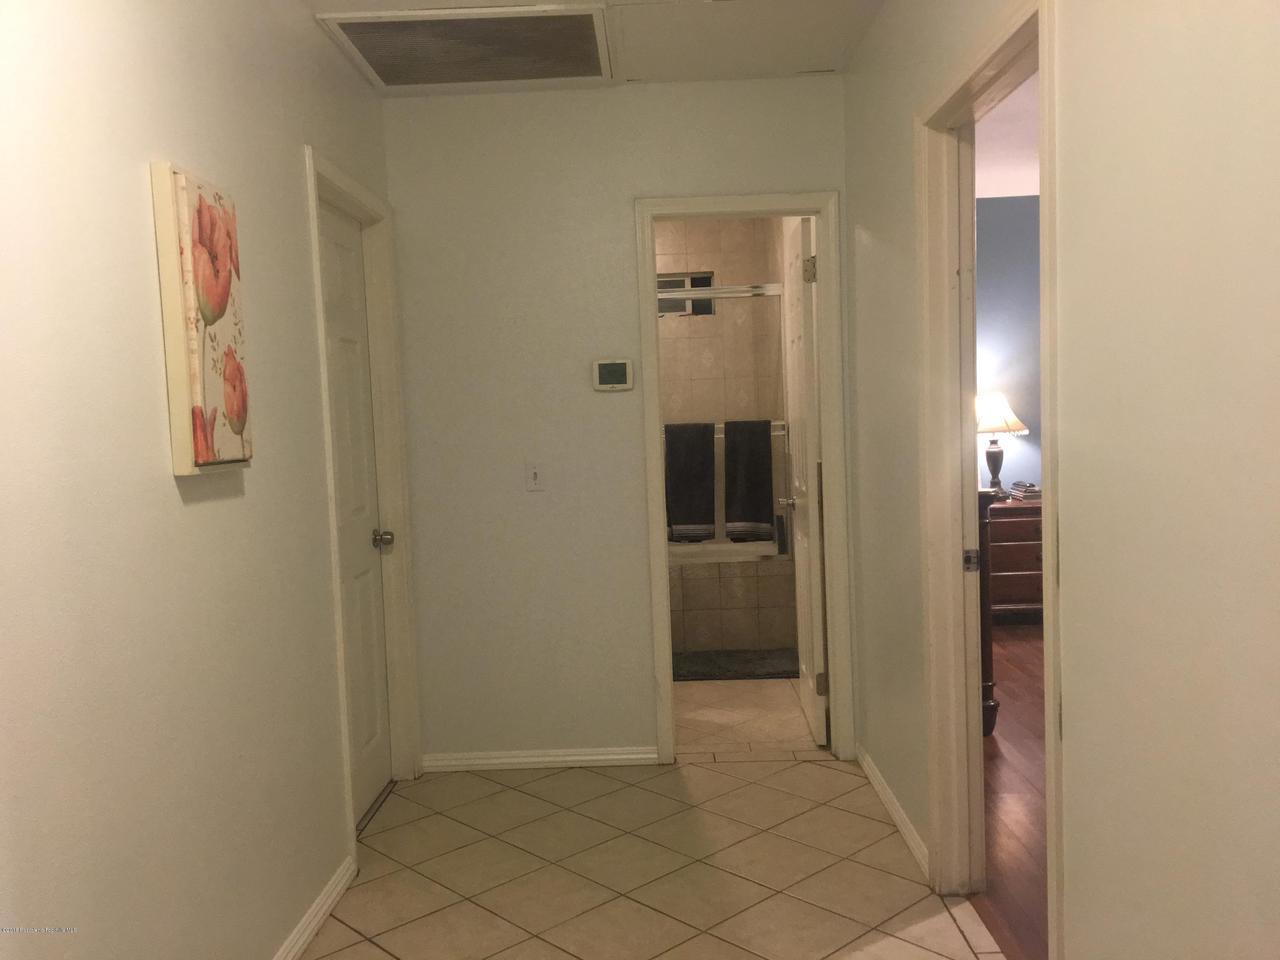 1724 NEWPORT, Pasadena, CA 91103 - C & A HALLWAY